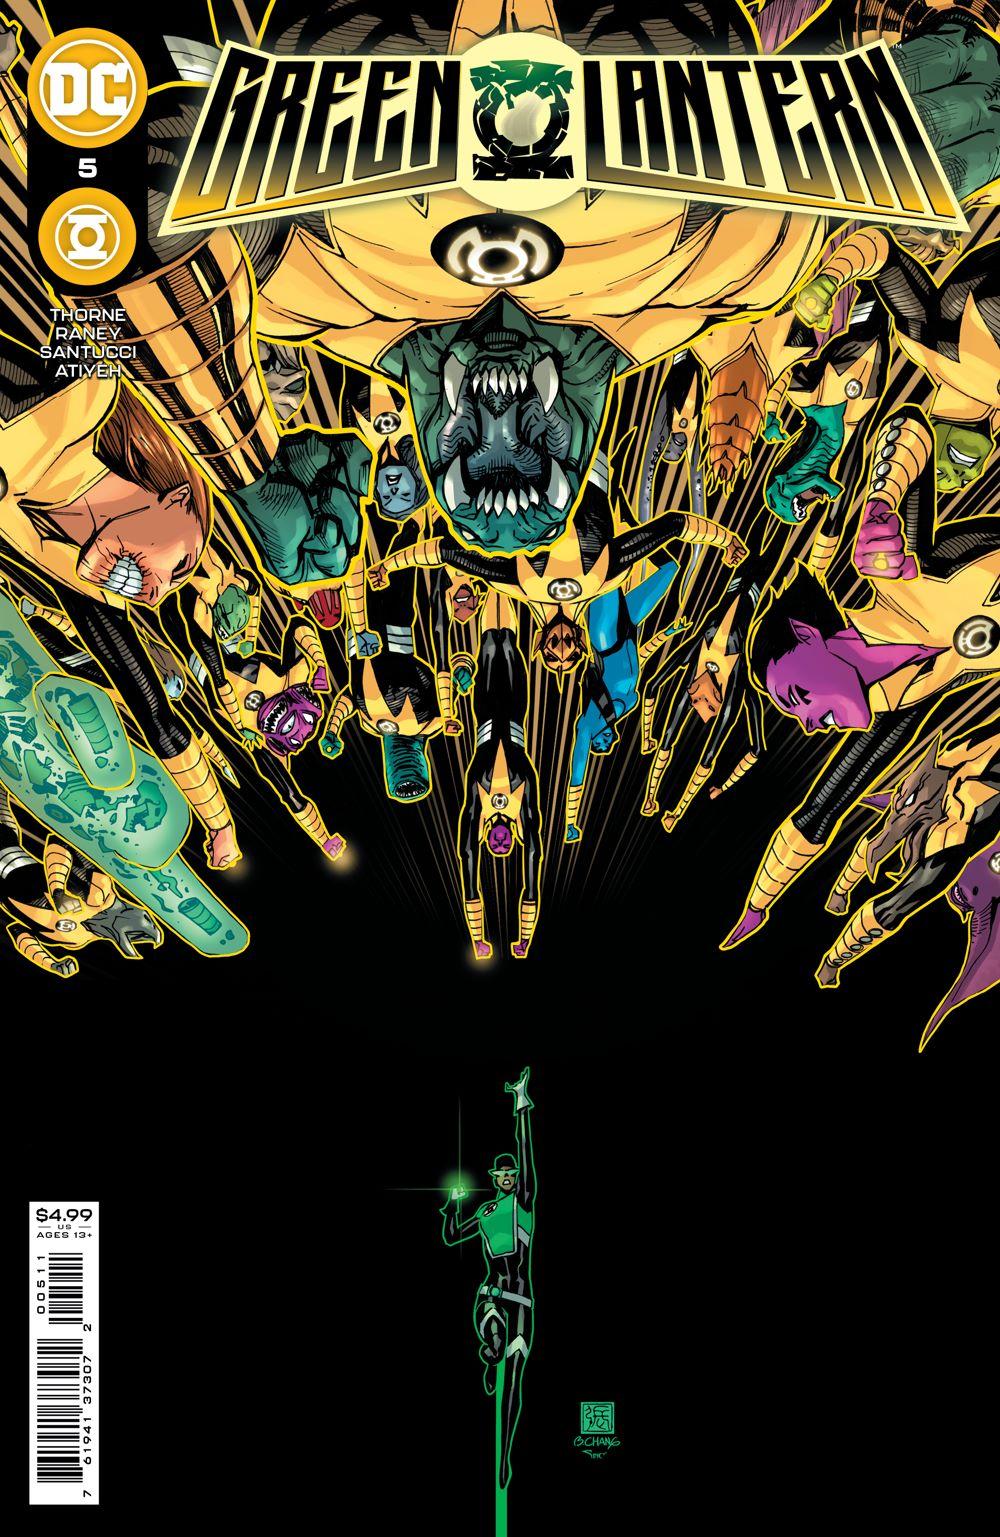 GL_Cv5 DC Comics August 2021 Solicitations